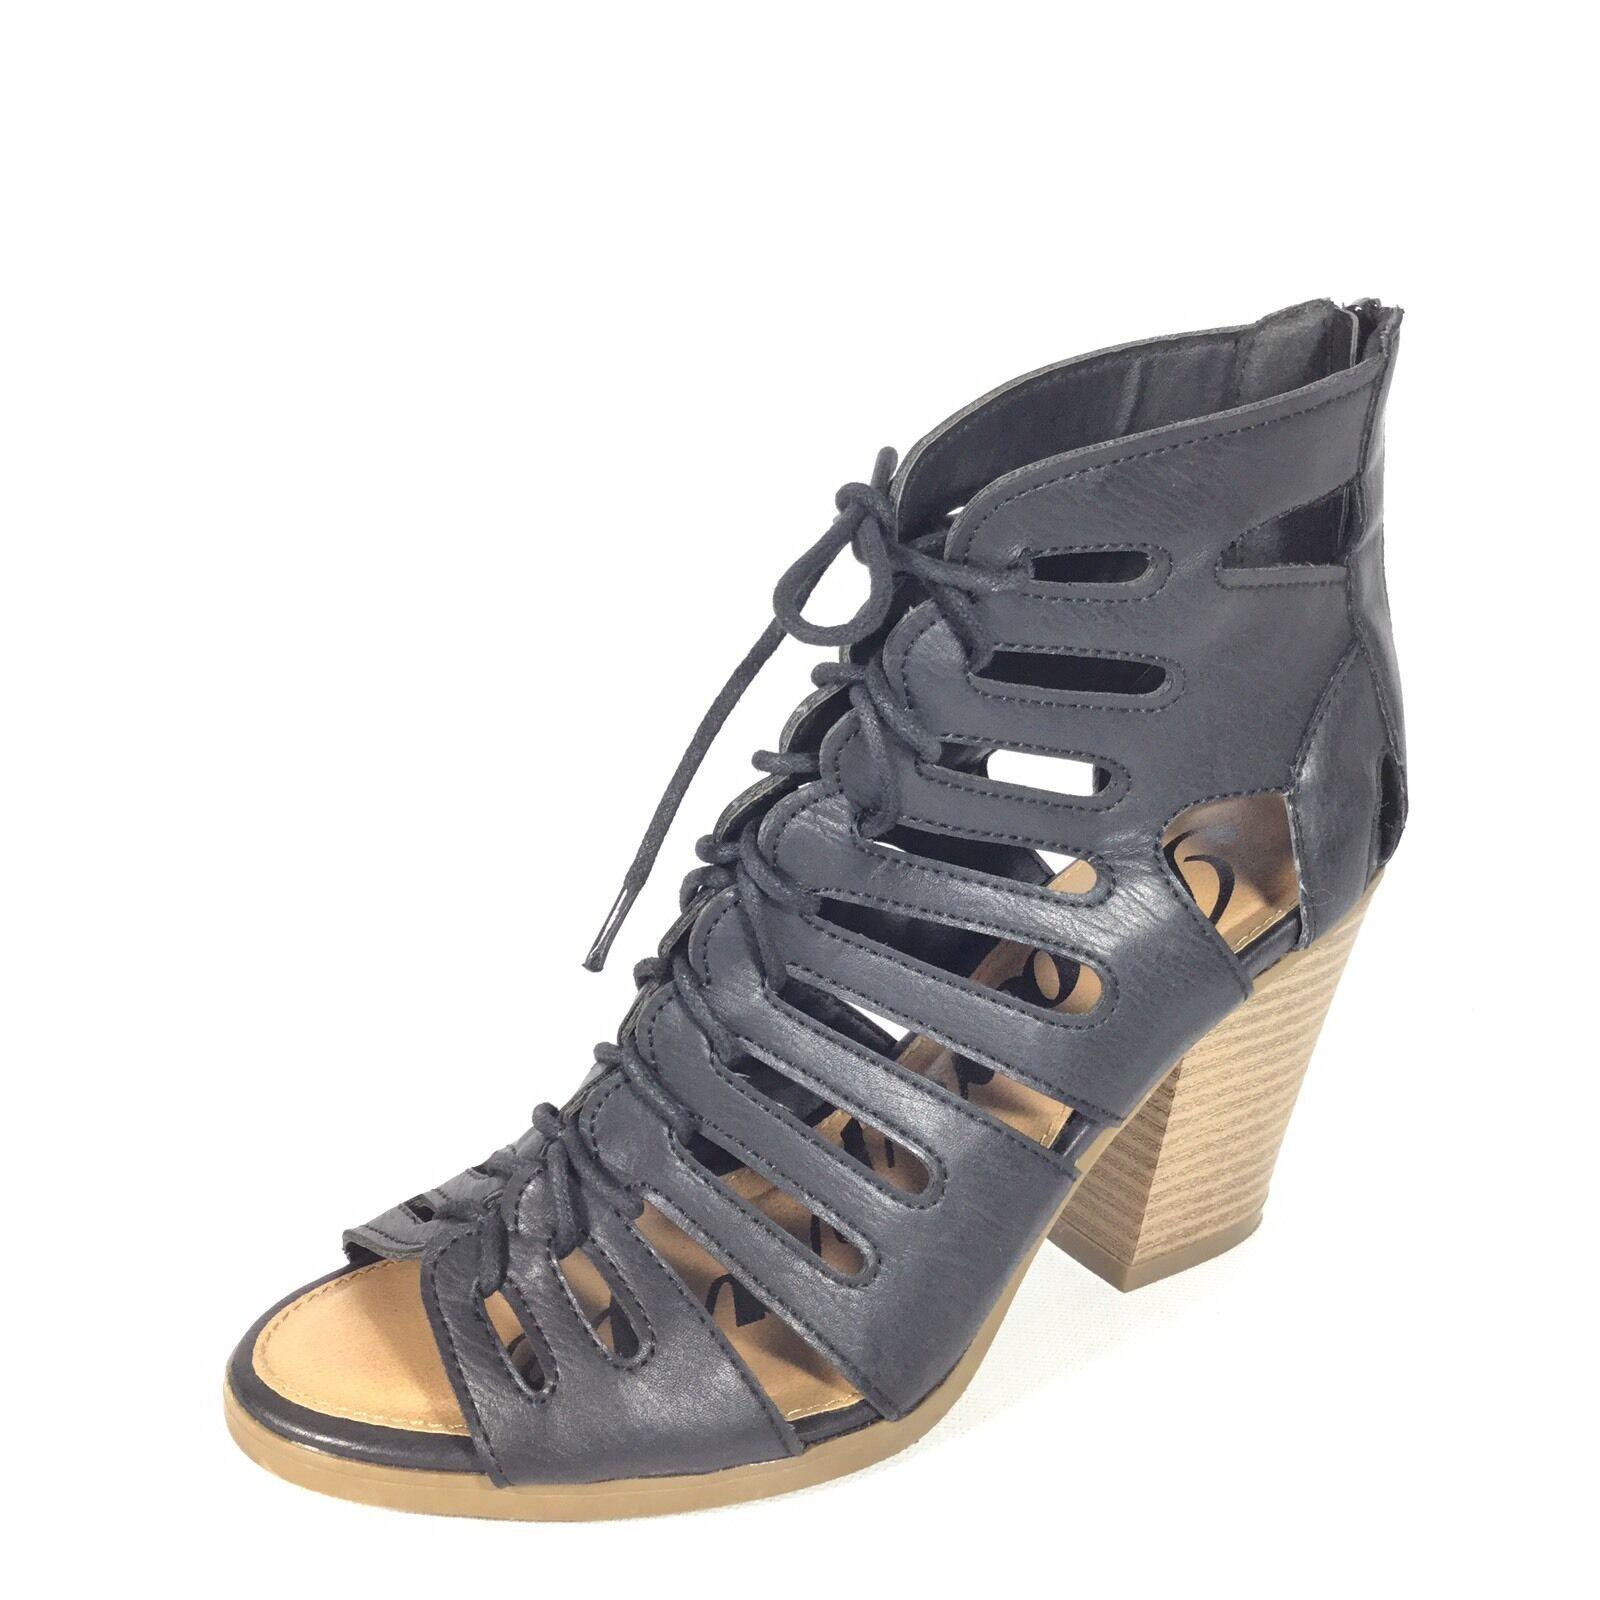 Rampage Venyce Women's Women's Women's Size 8.5 M Black Heel Lace Up Open Toe shoes. a93aba